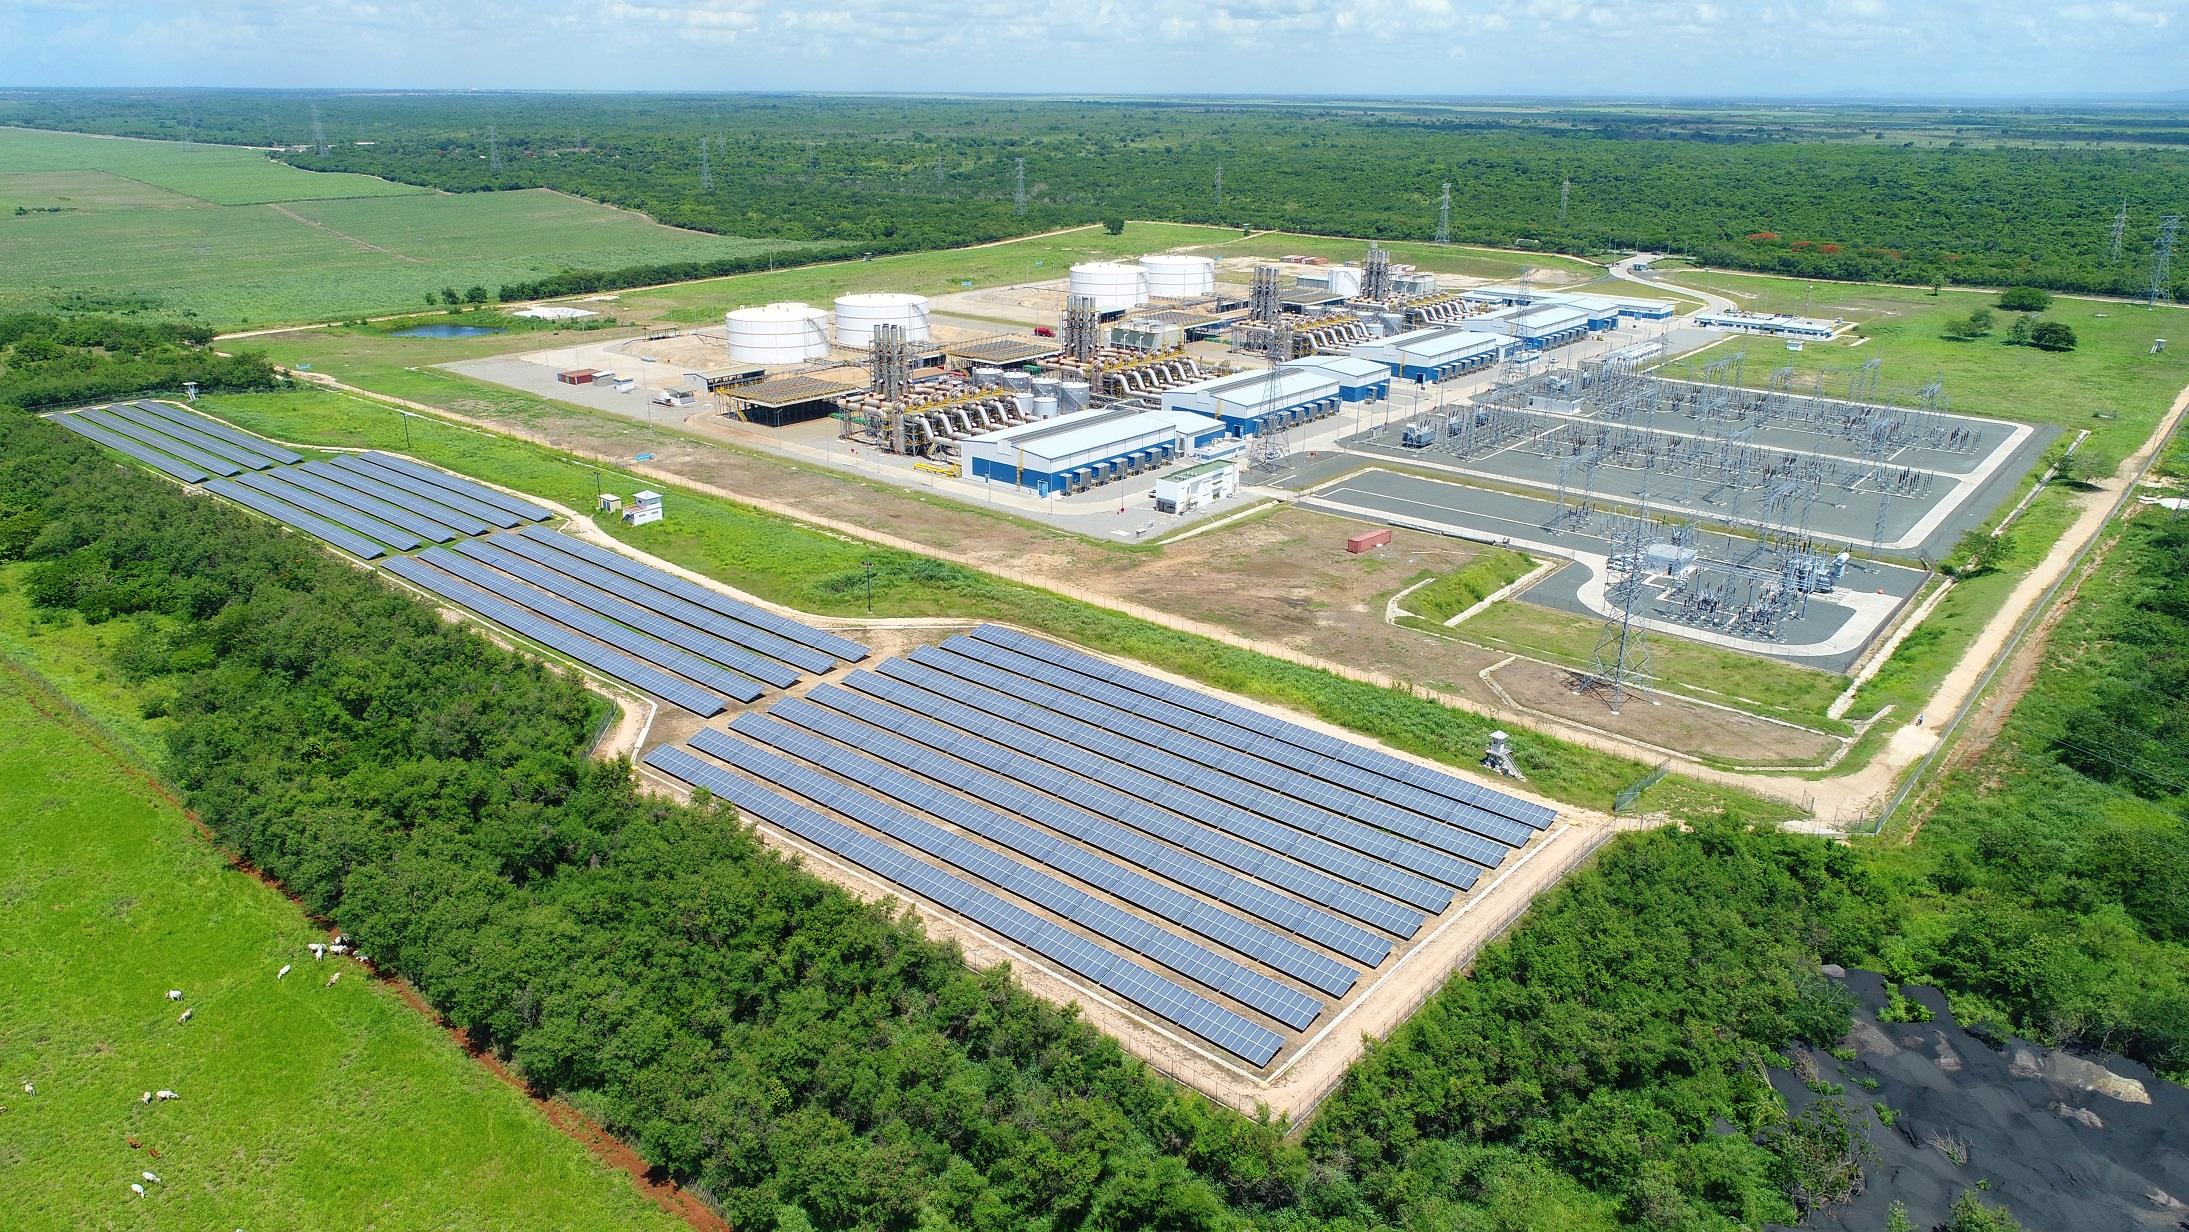 EGE Haina seguirá invirtiendo en energías renovables y a gas natural